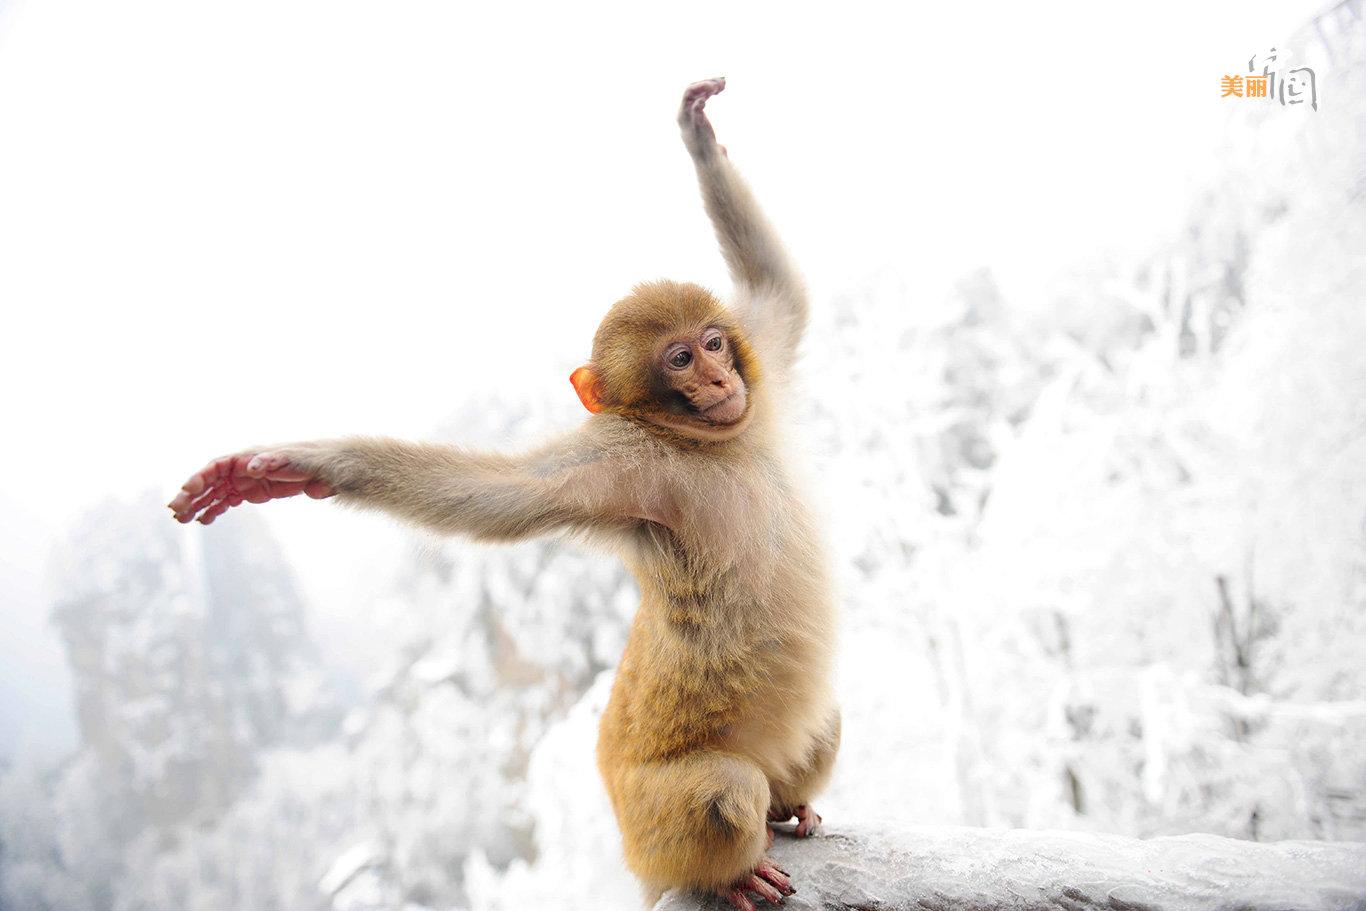 猕猴属于国家几级动物